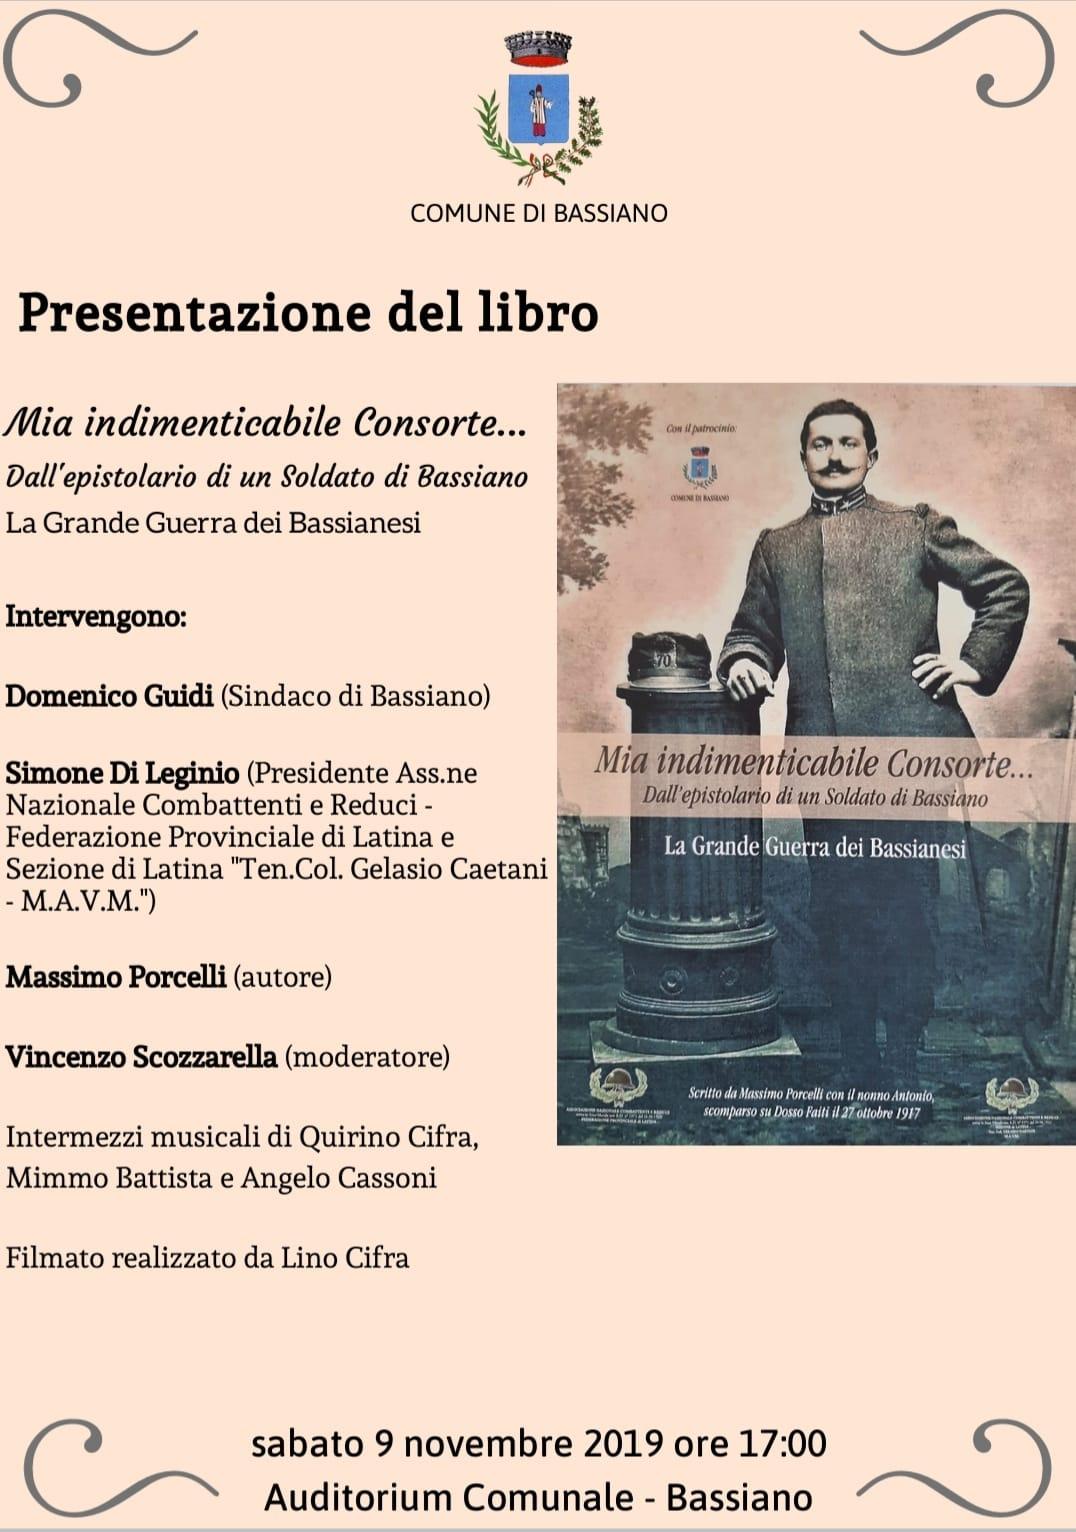 Bassiano: Presentazione del libro @ Auditorium comunale | Bassiano | Lazio | Italia